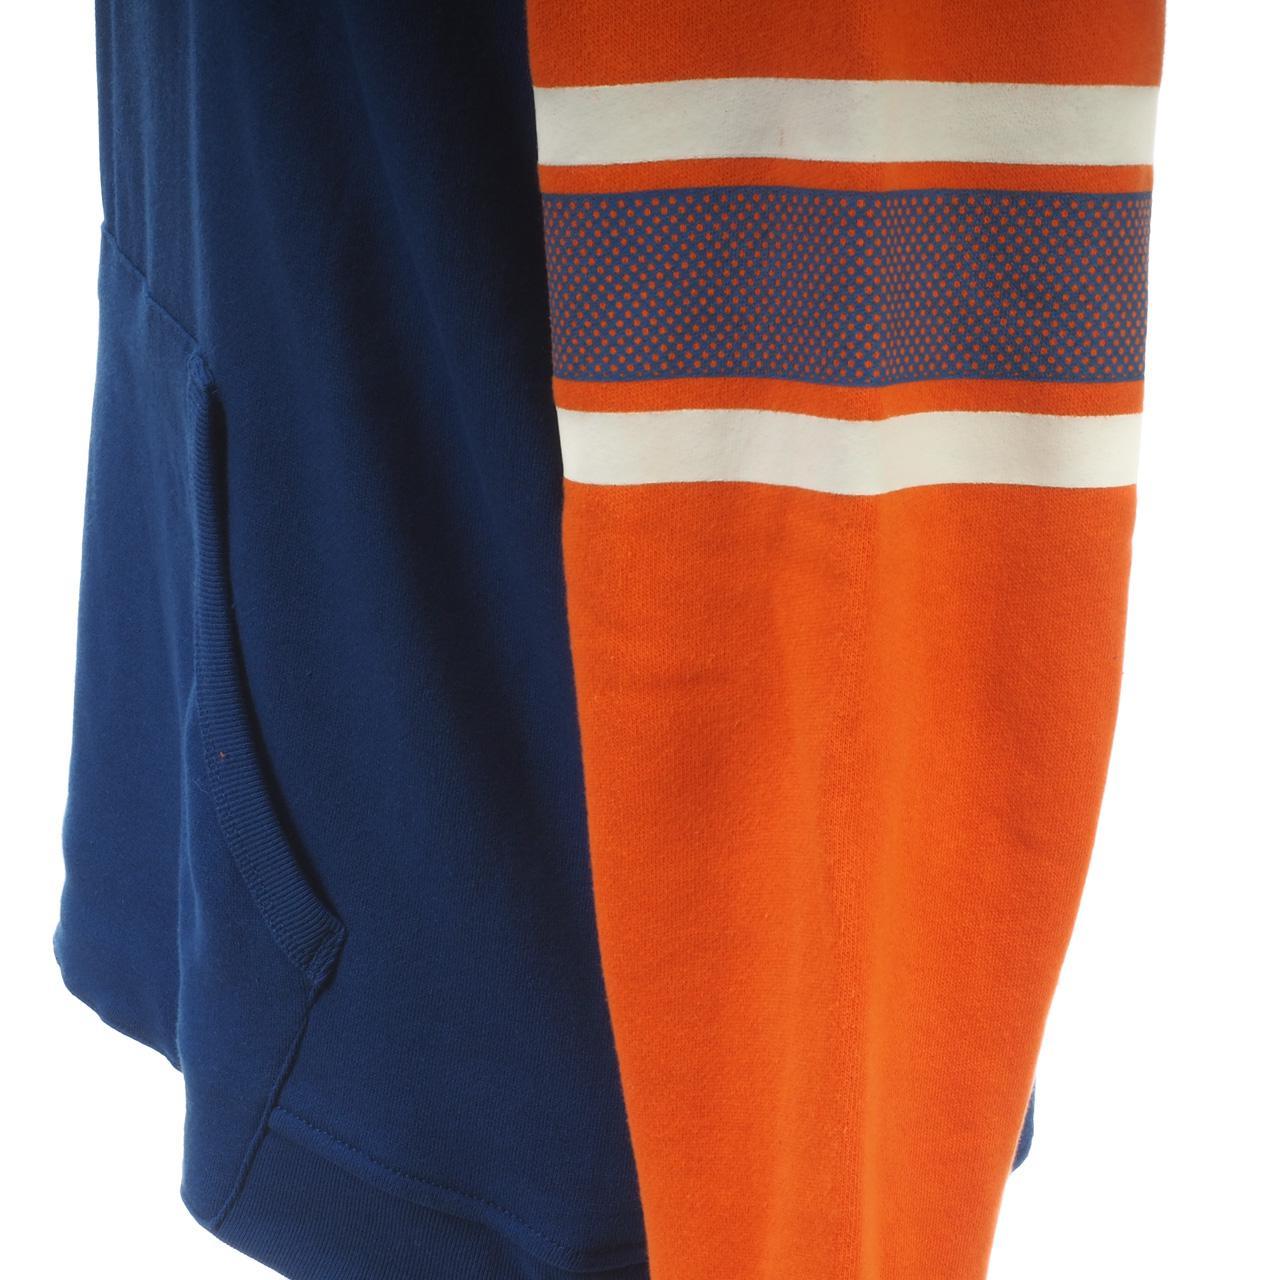 Sweatshirt-Kapuze-Kapuzenpulli-Outstuff-Knicks-Ny-Umhang-Okc-Blau-60529-Neu Indexbild 4